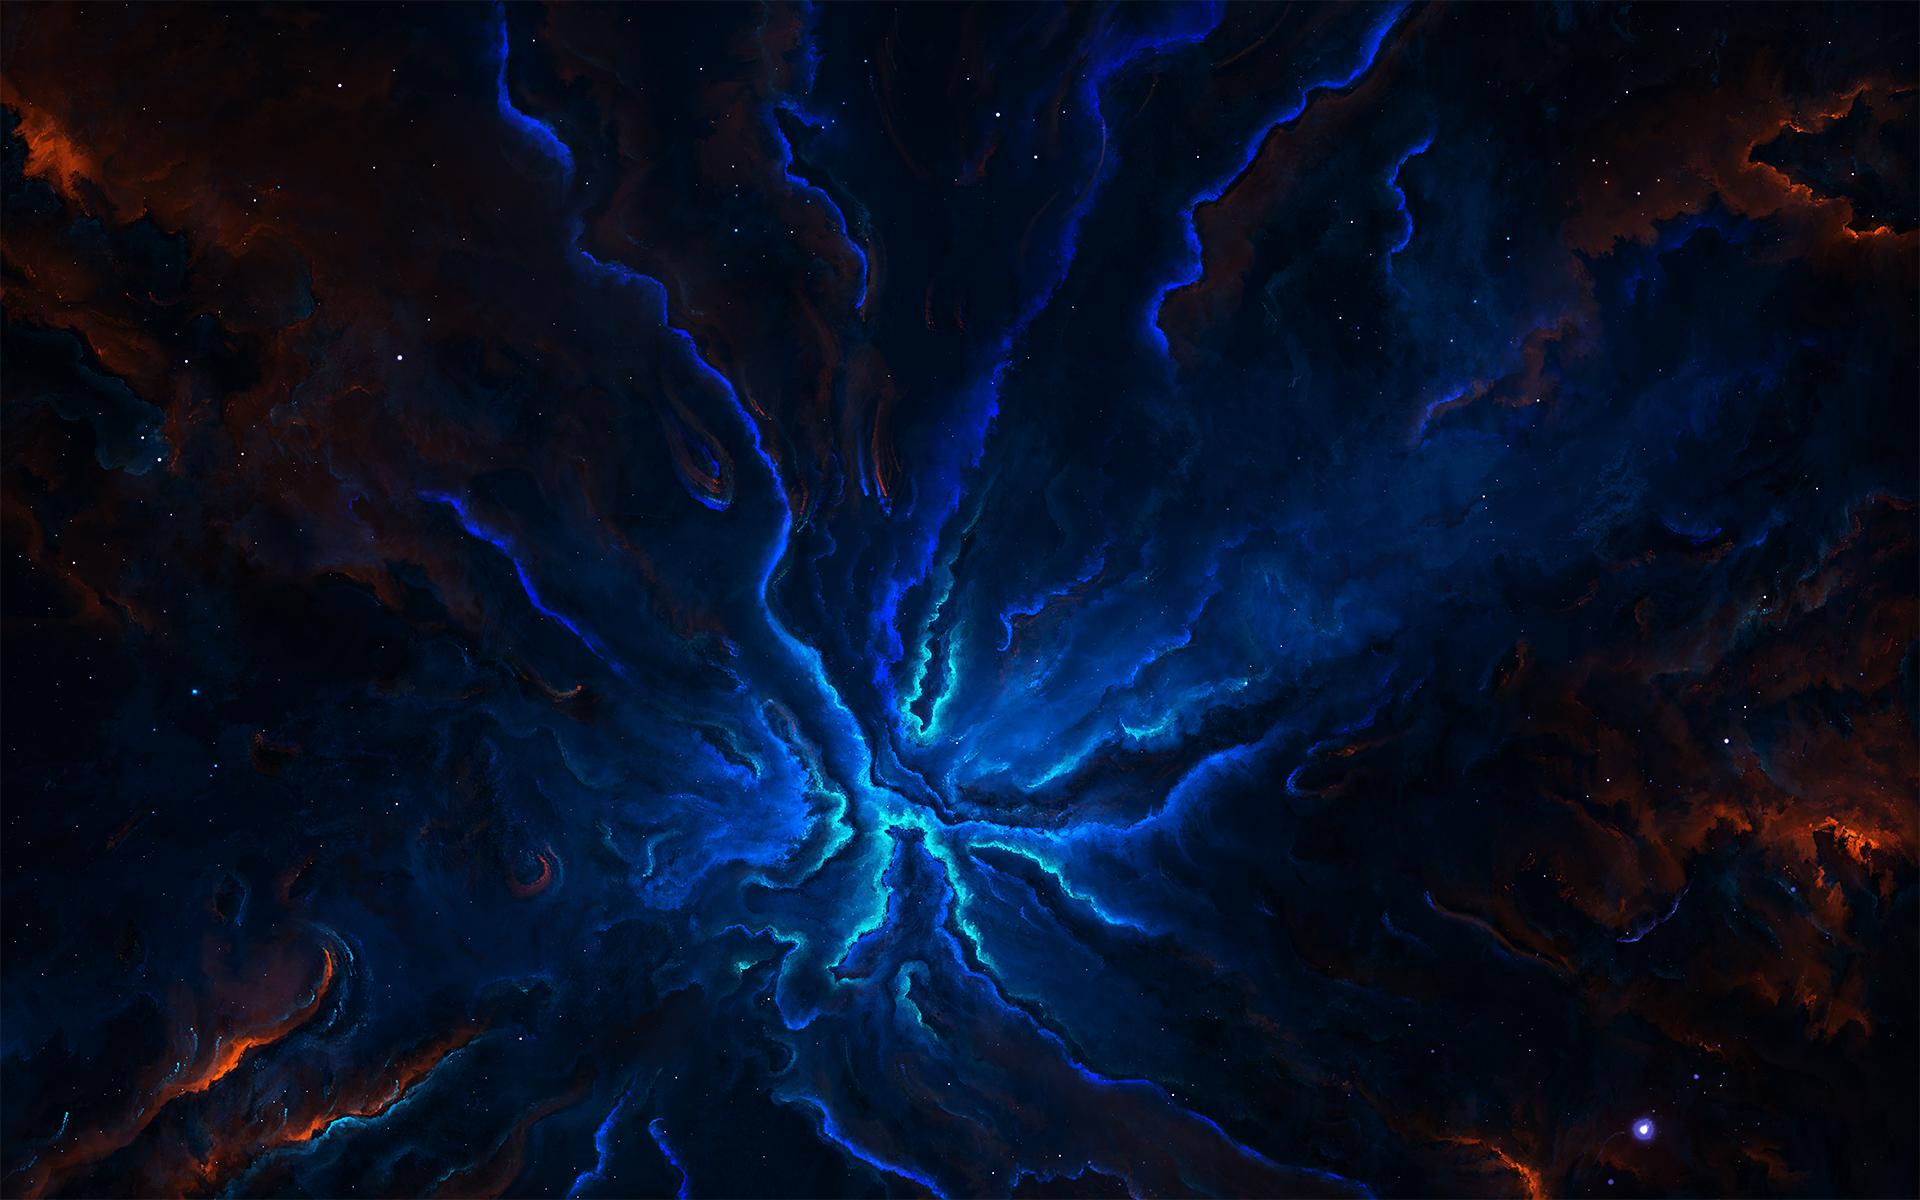 Pynx Nebula 2